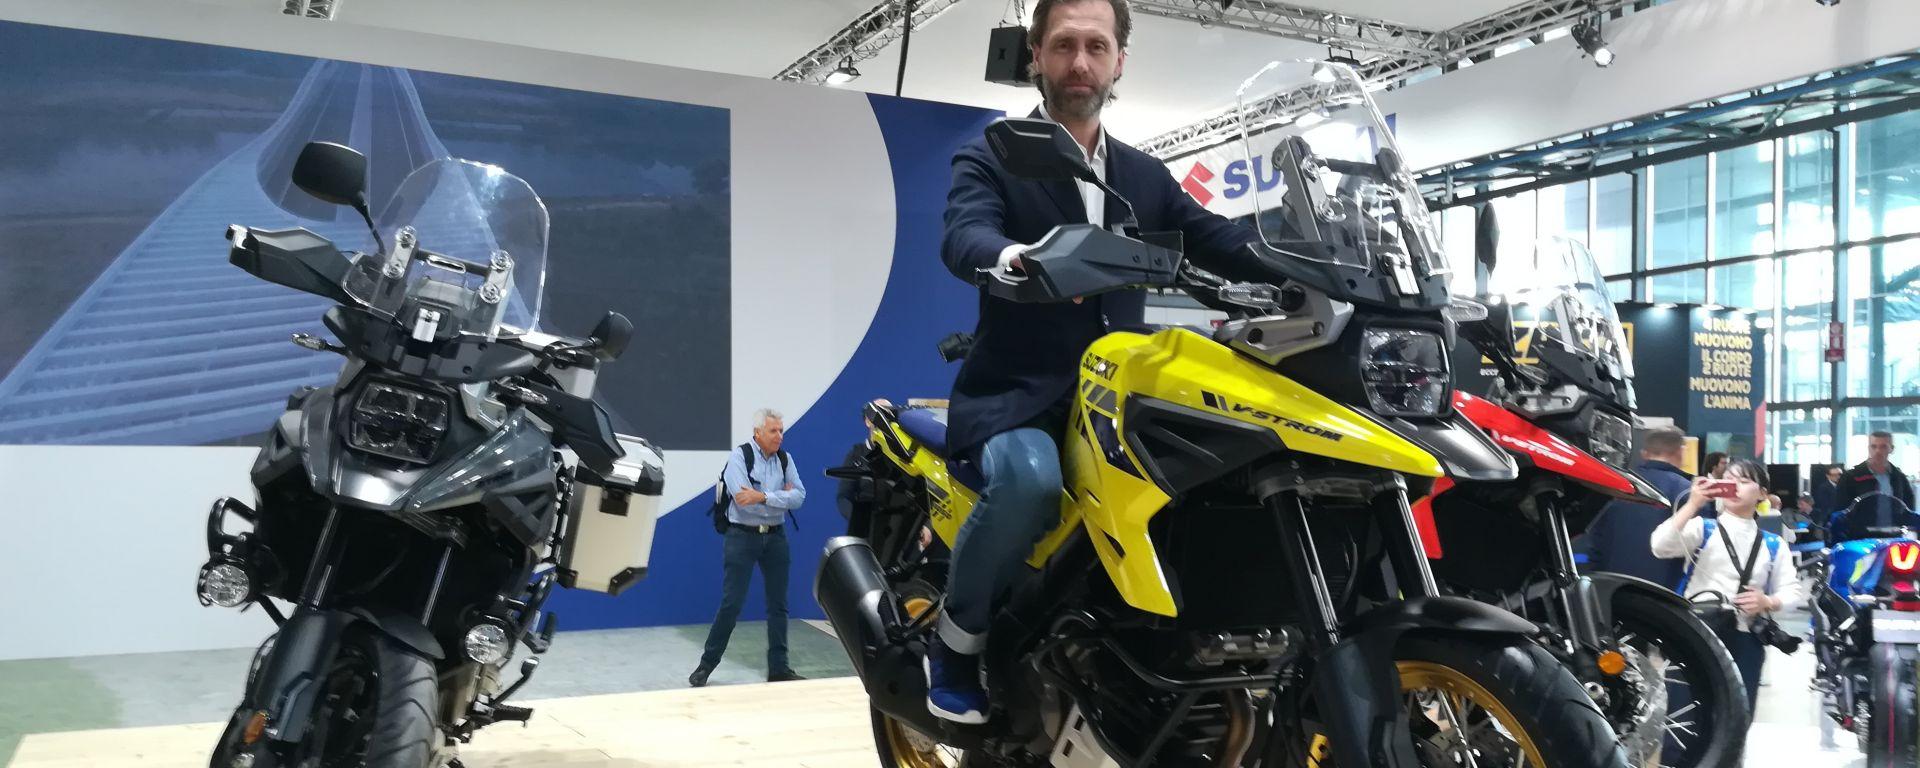 Suzuki a Eicma 2019: Enrico Bessolo Direttore Commerciale Suzuki Italia